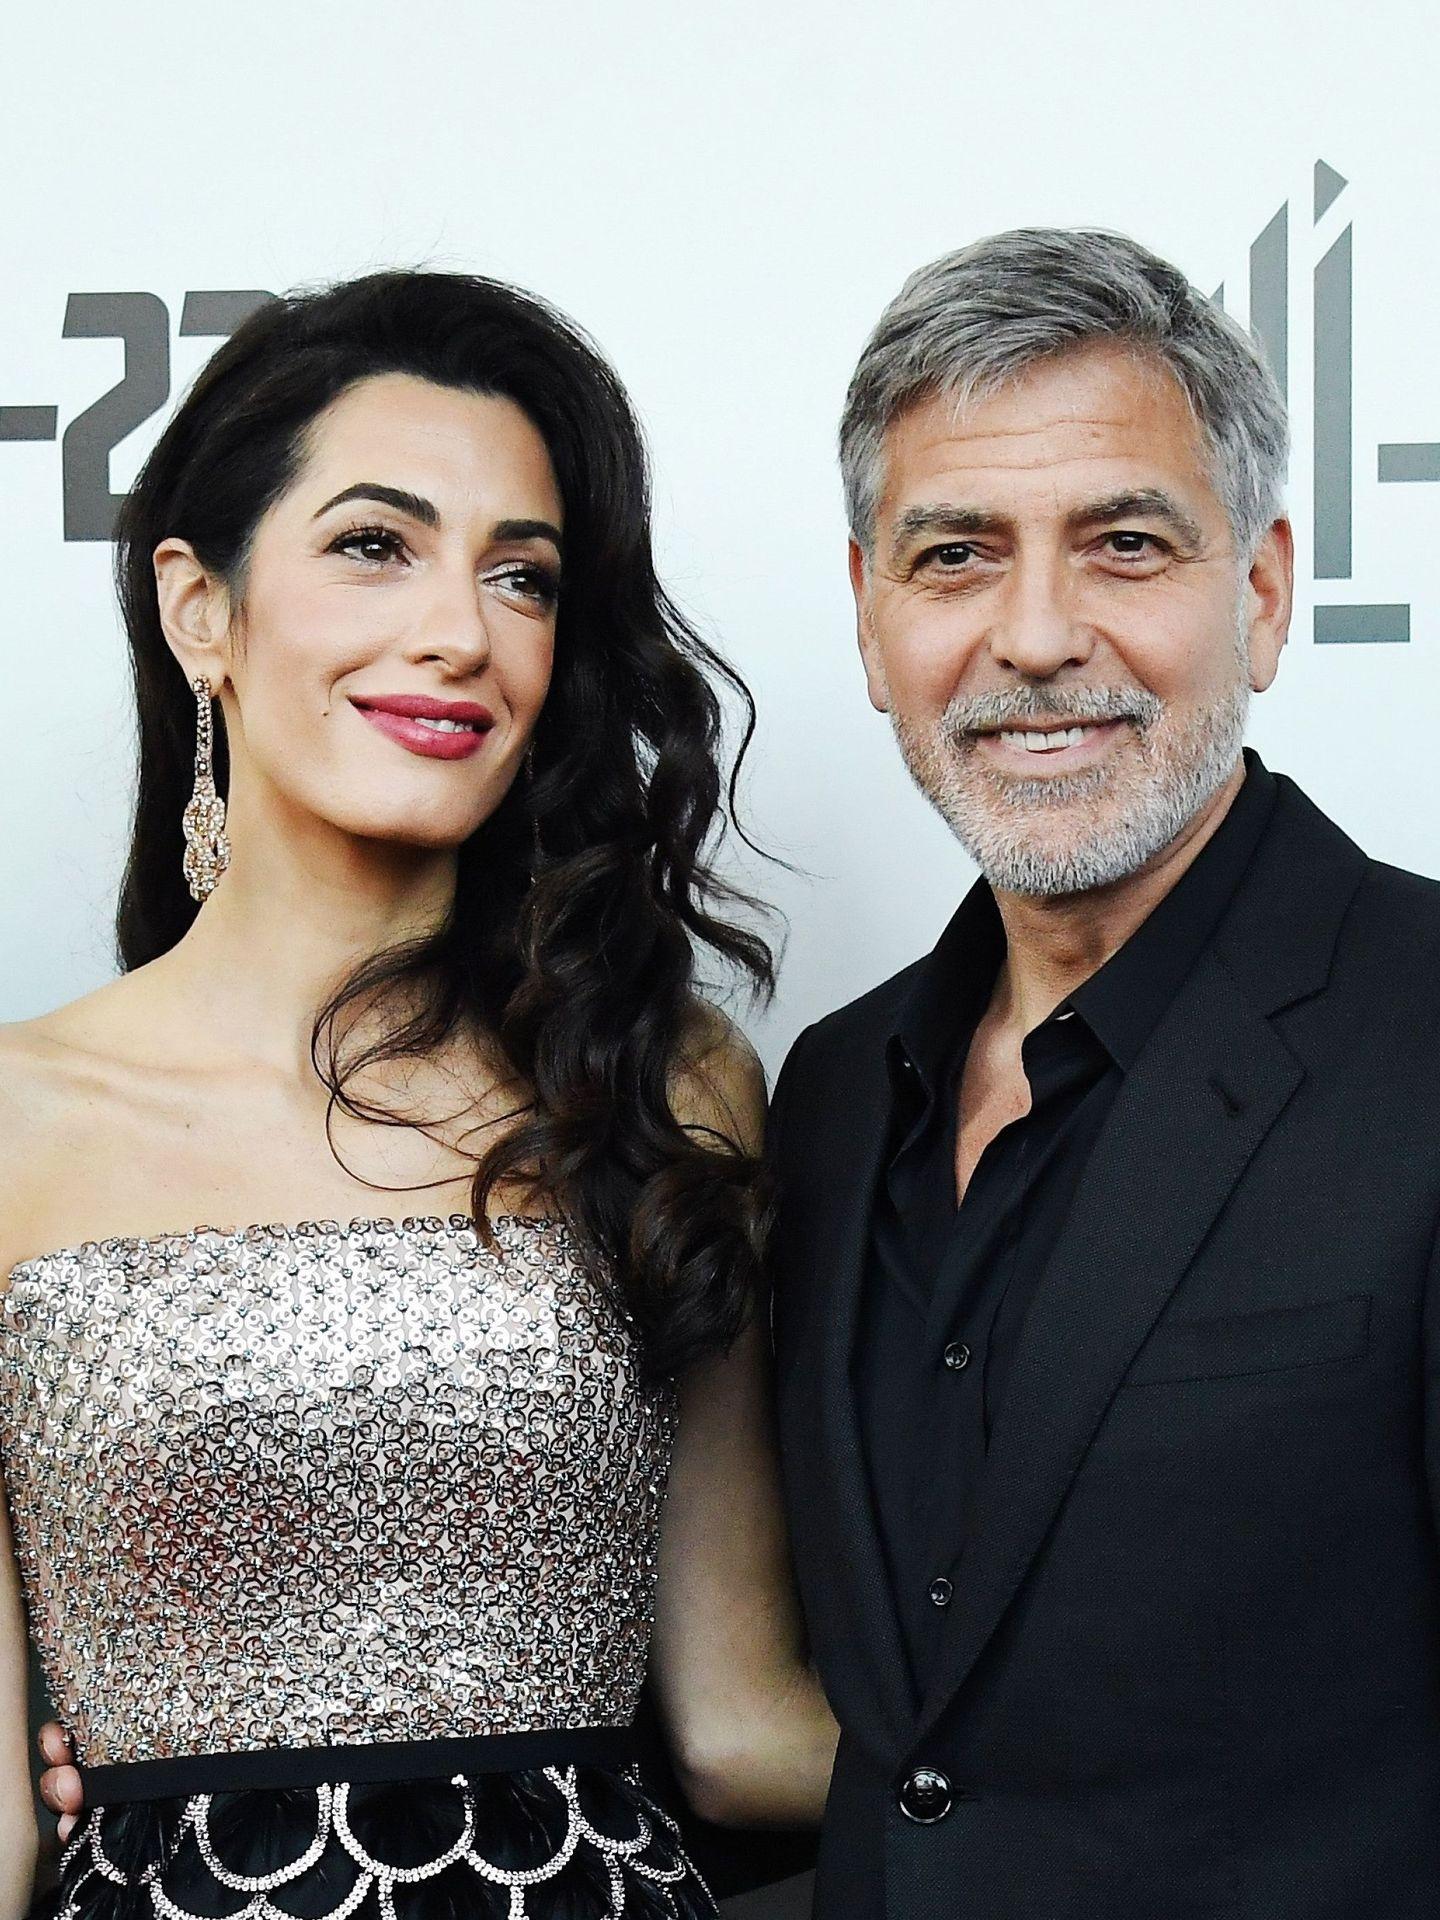 El actor George Clooney y su mujer, Amal Clooney, en una imagen de archivo. (EFE)